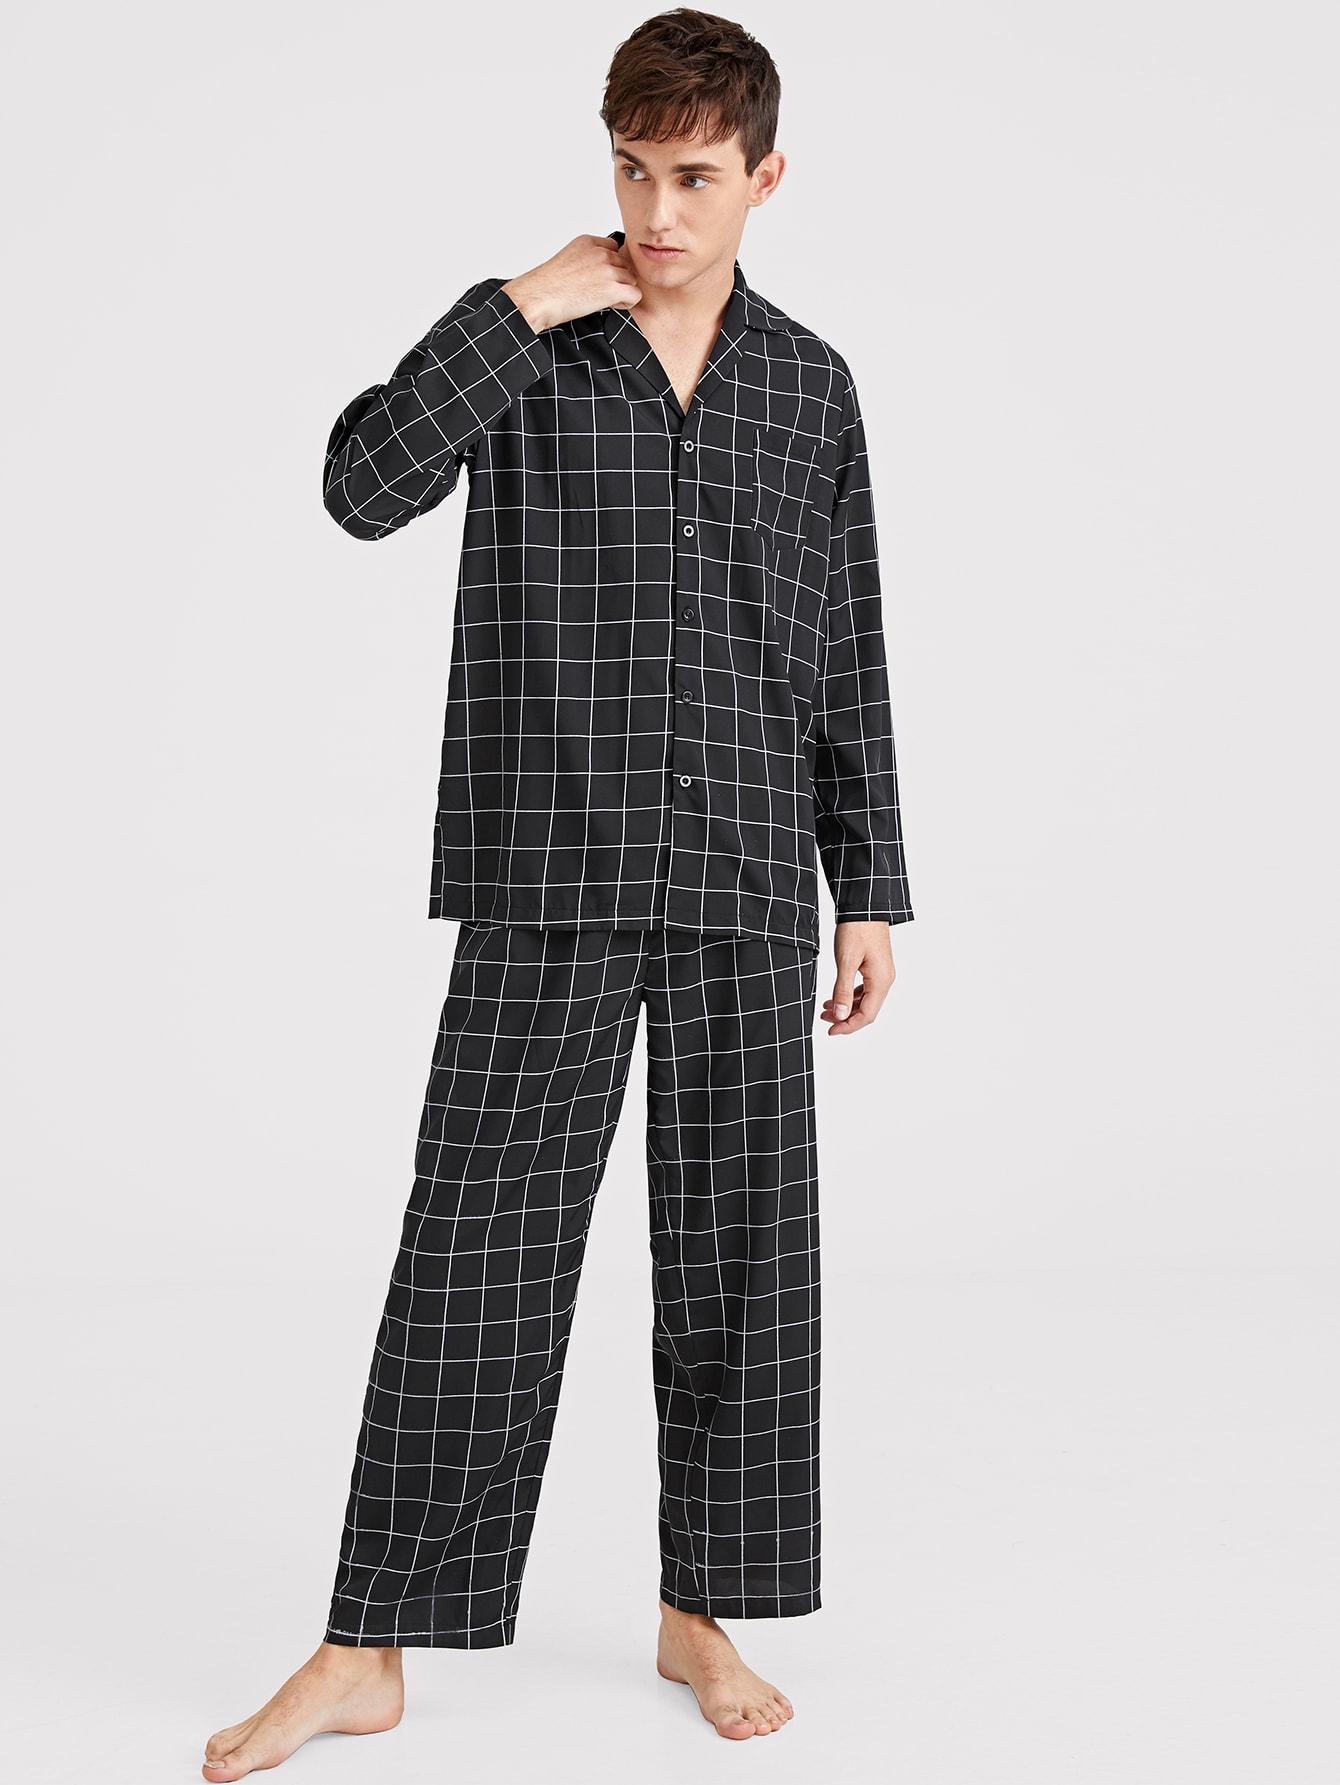 Фото - Мужской пижамный комплект в клетку с пуговицами от SheIn цвет чёрные